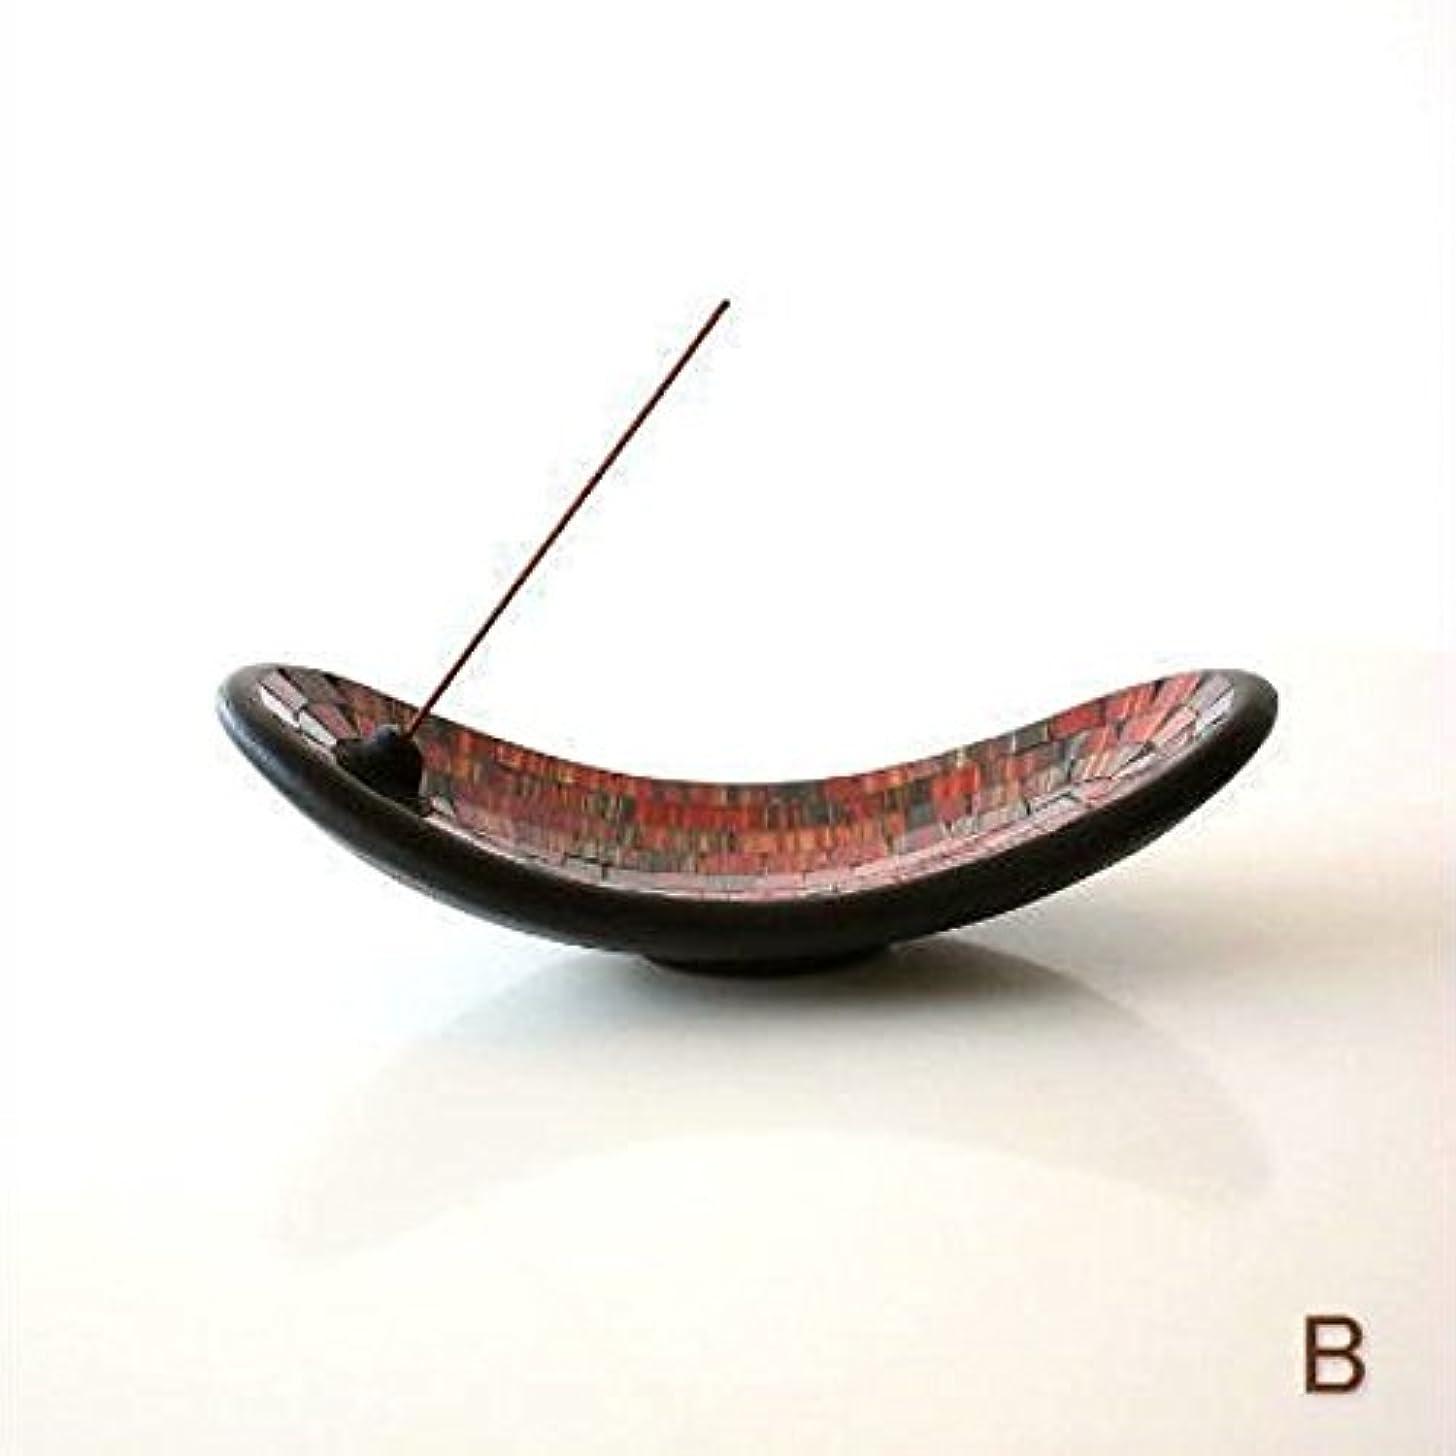 爆発物社会主義いらいらするお香立て スティック おしゃれ かわいい モザイクガラスのインセンスホルダー [tom4305] (B)